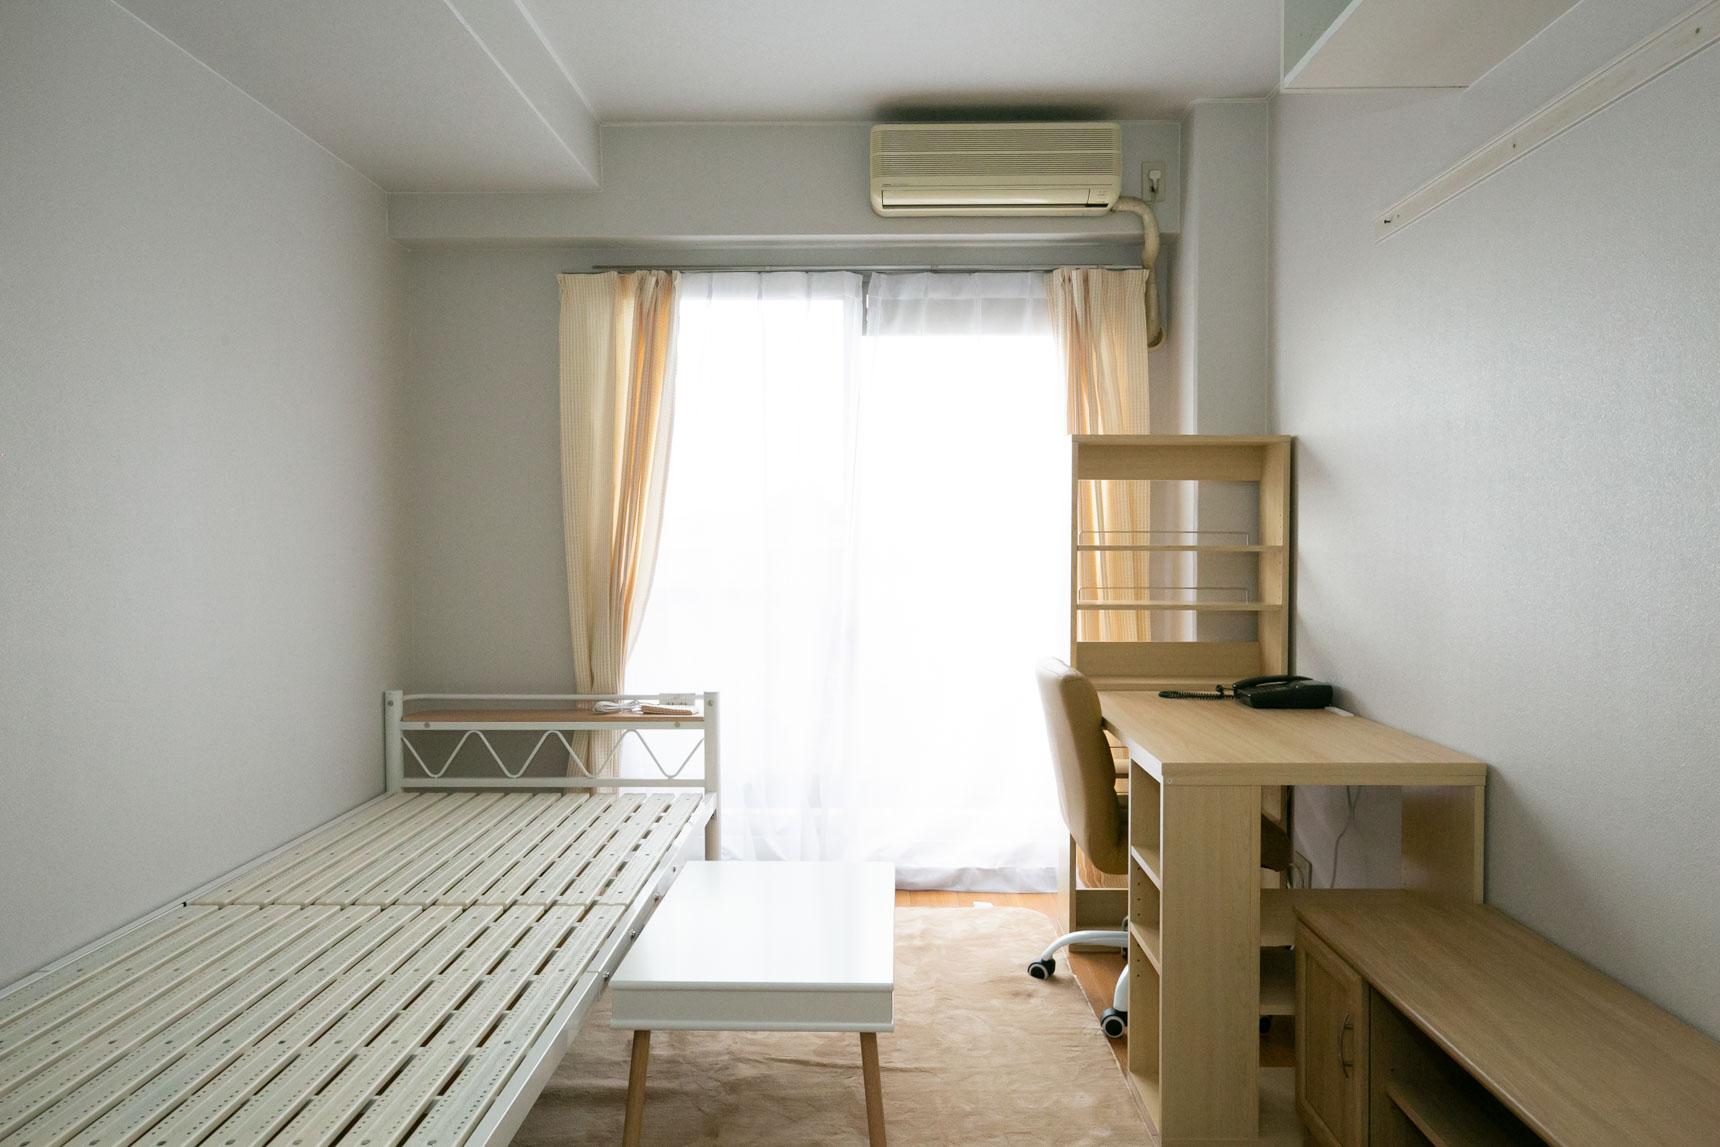 こちらが、パーソナルスペース内。6.8畳と十分な広さがあります(写真はモデルルーム、家具は付属しません)